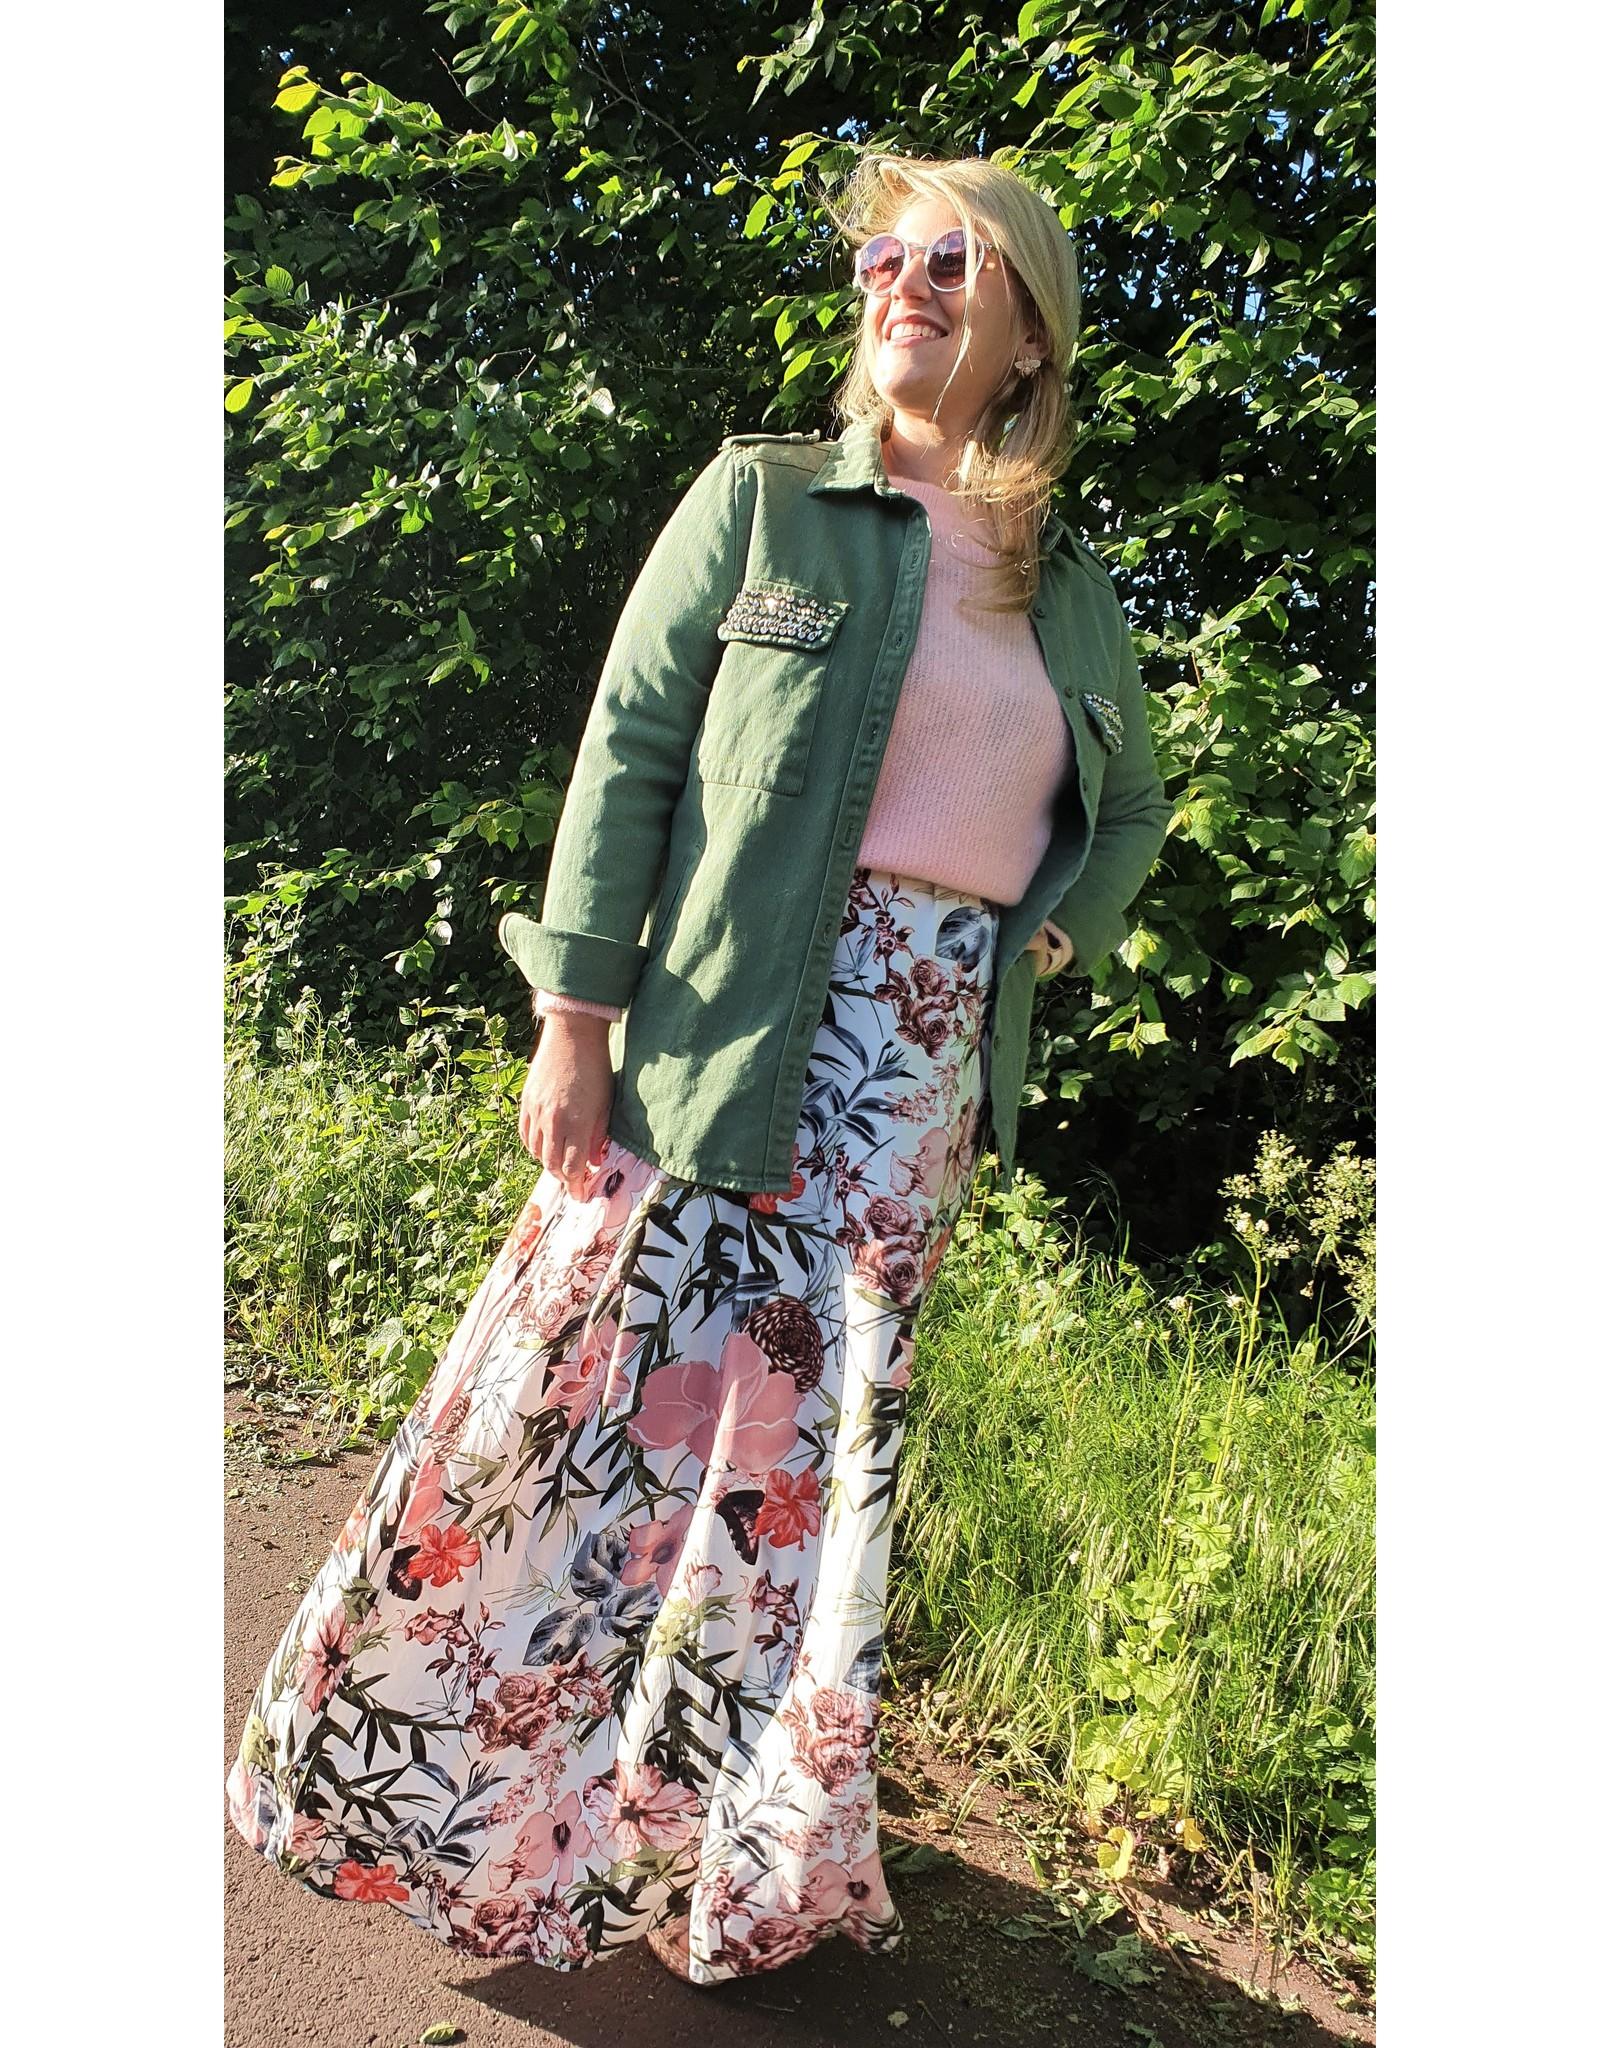 Thé jungle fever dress